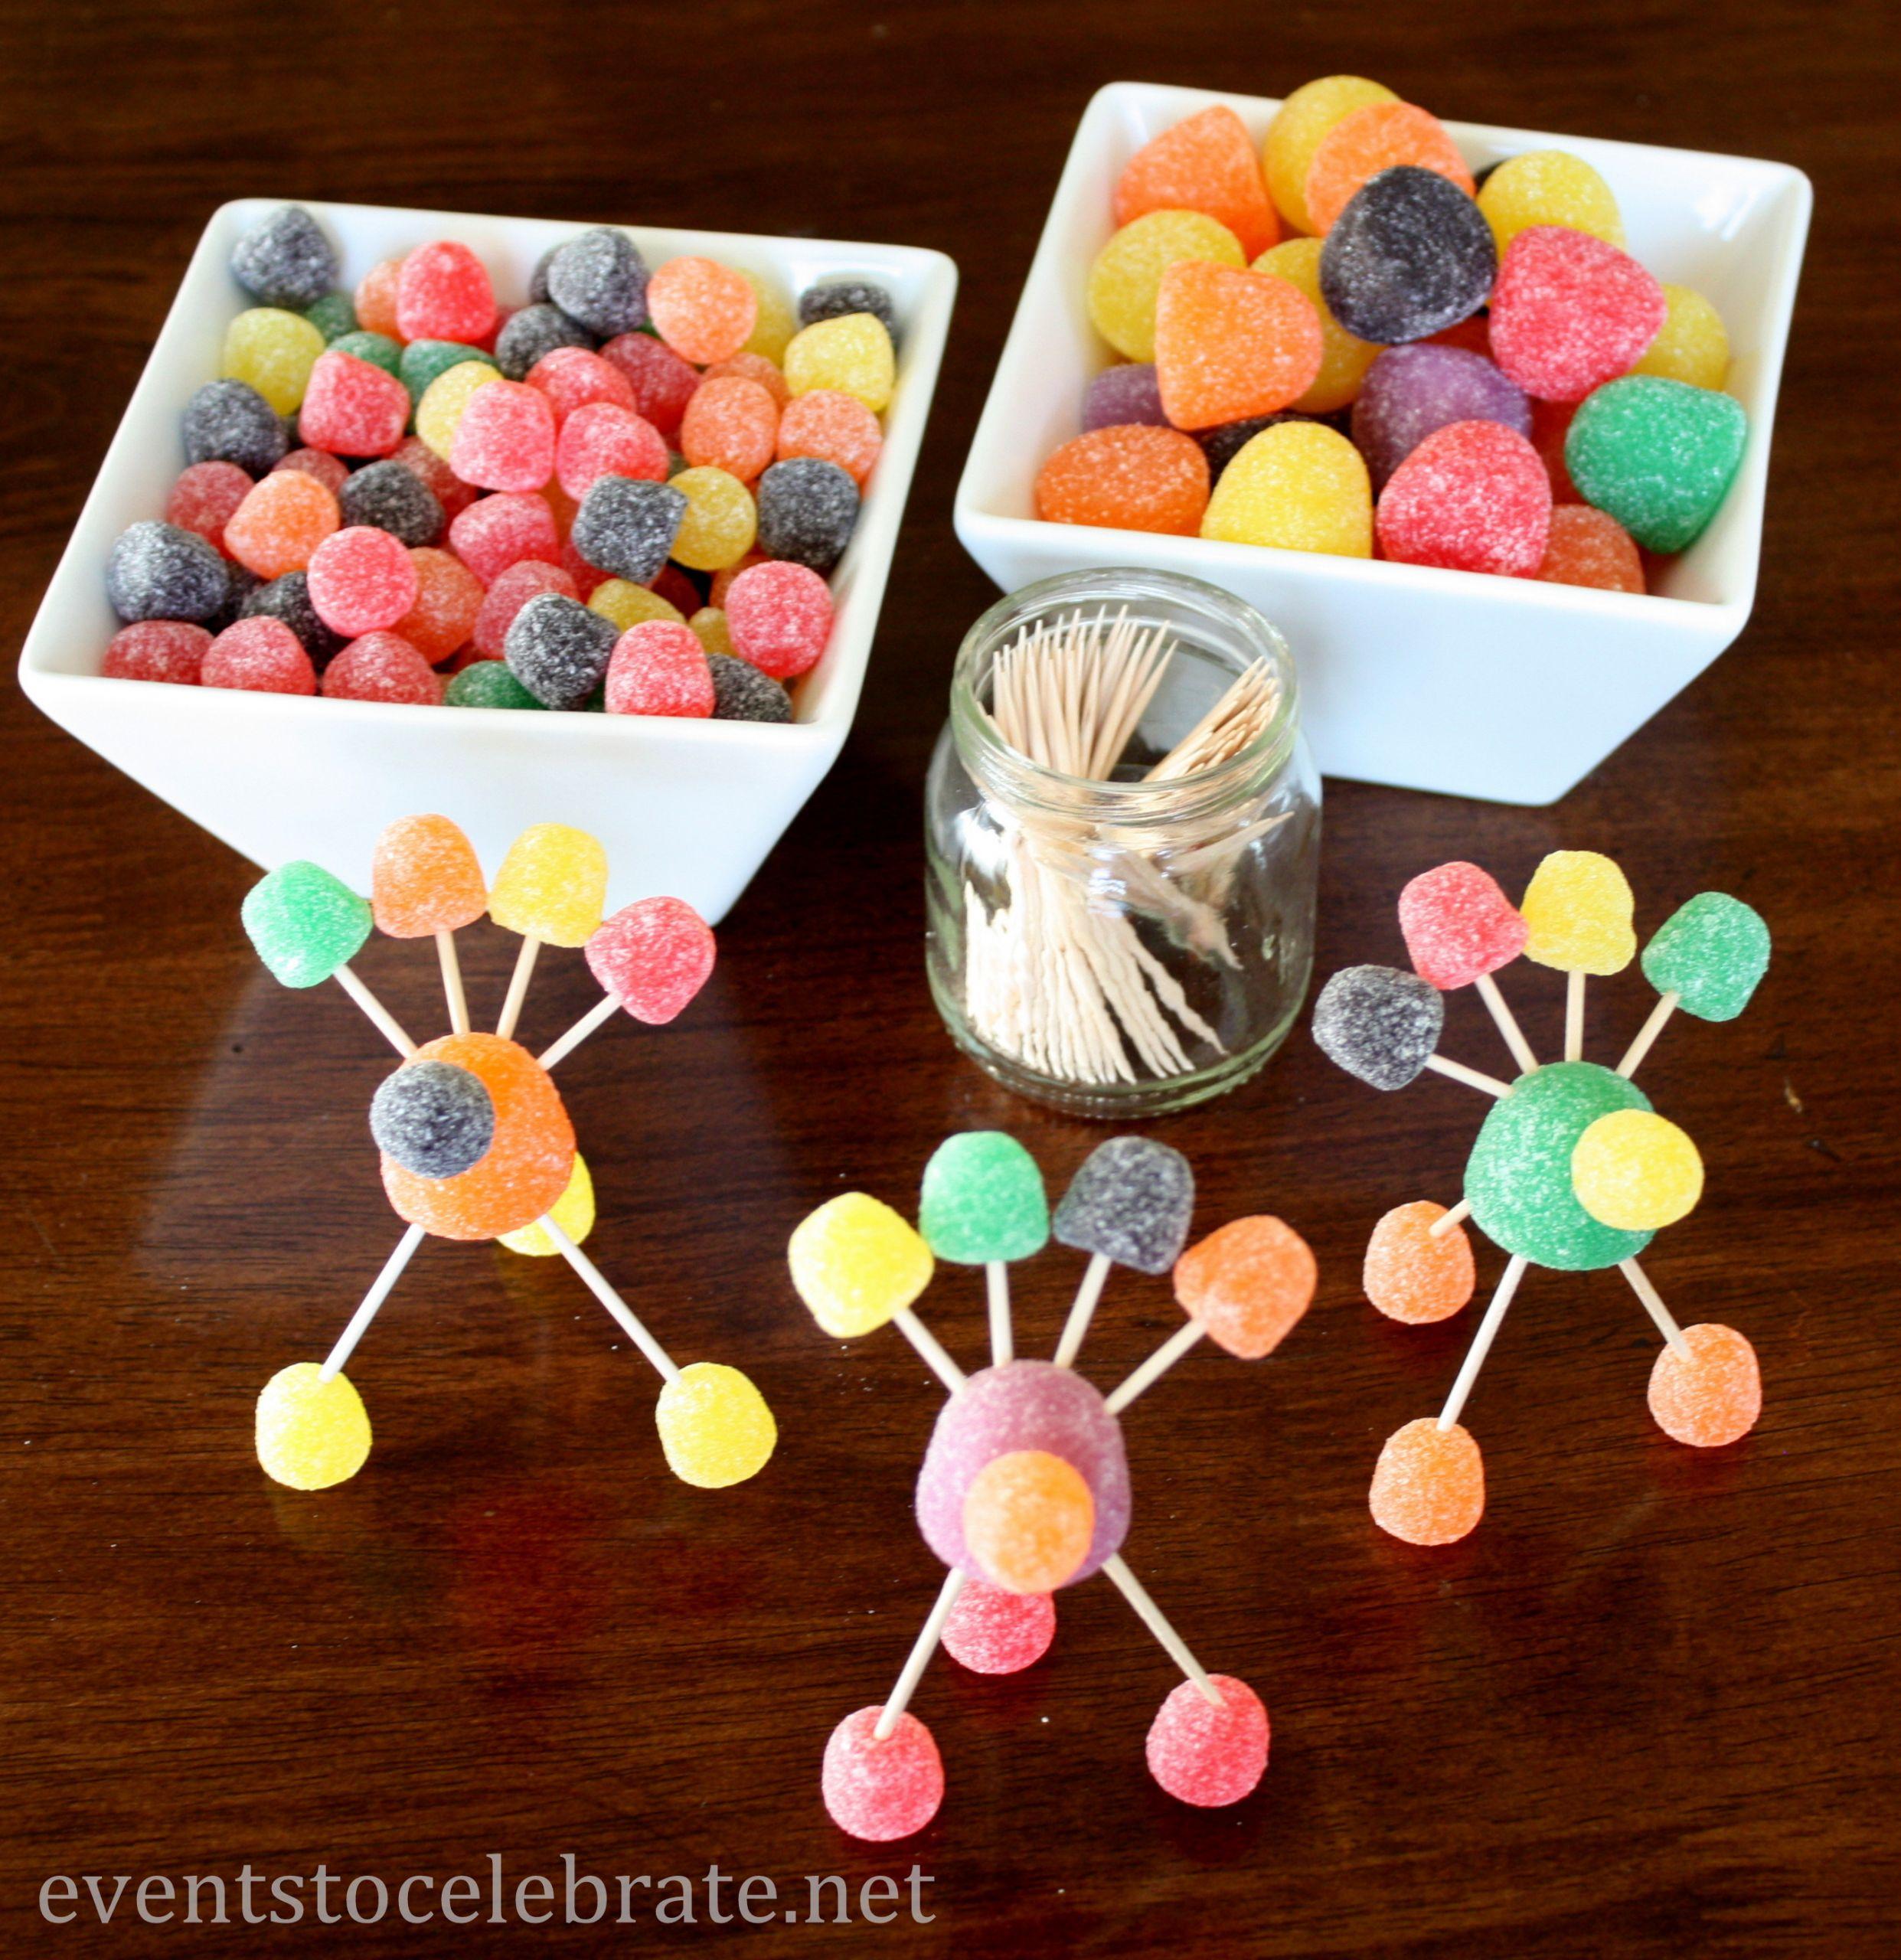 Thanksgiving Turkey Craft  Thanksgiving Crafts for Kids Gumdrop Turkeys events to